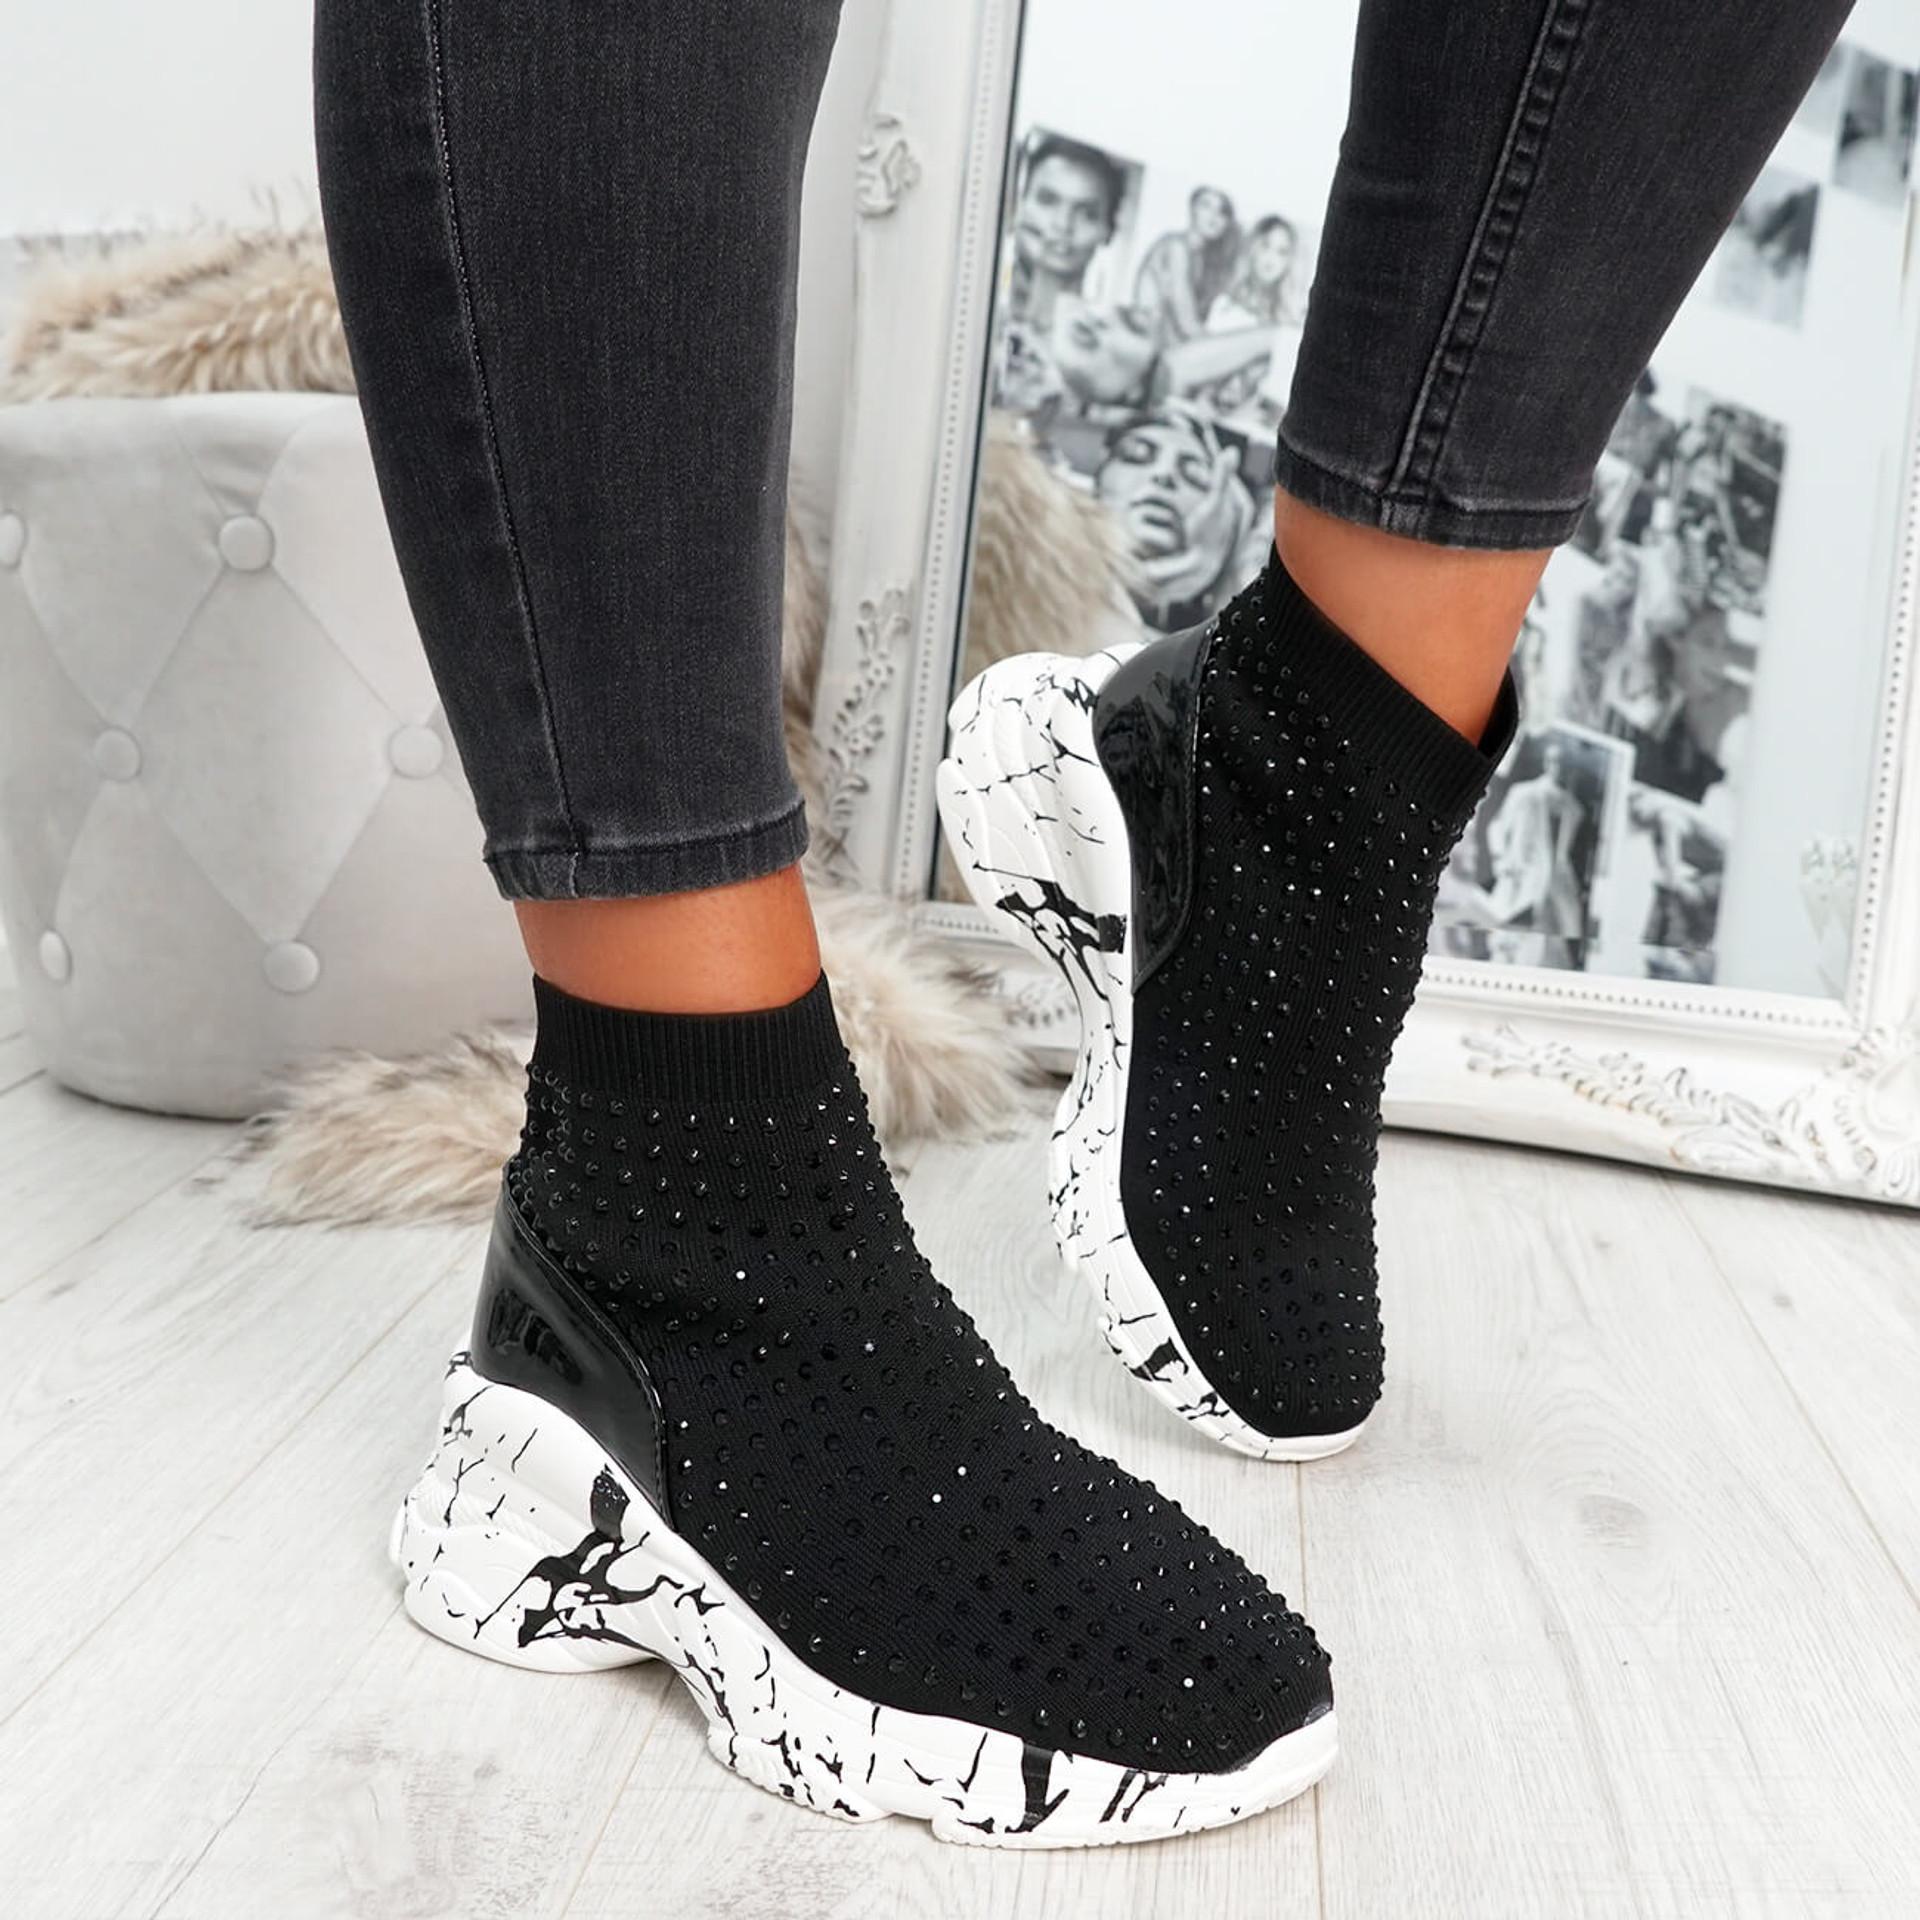 Vato Black White Sock Sneakers